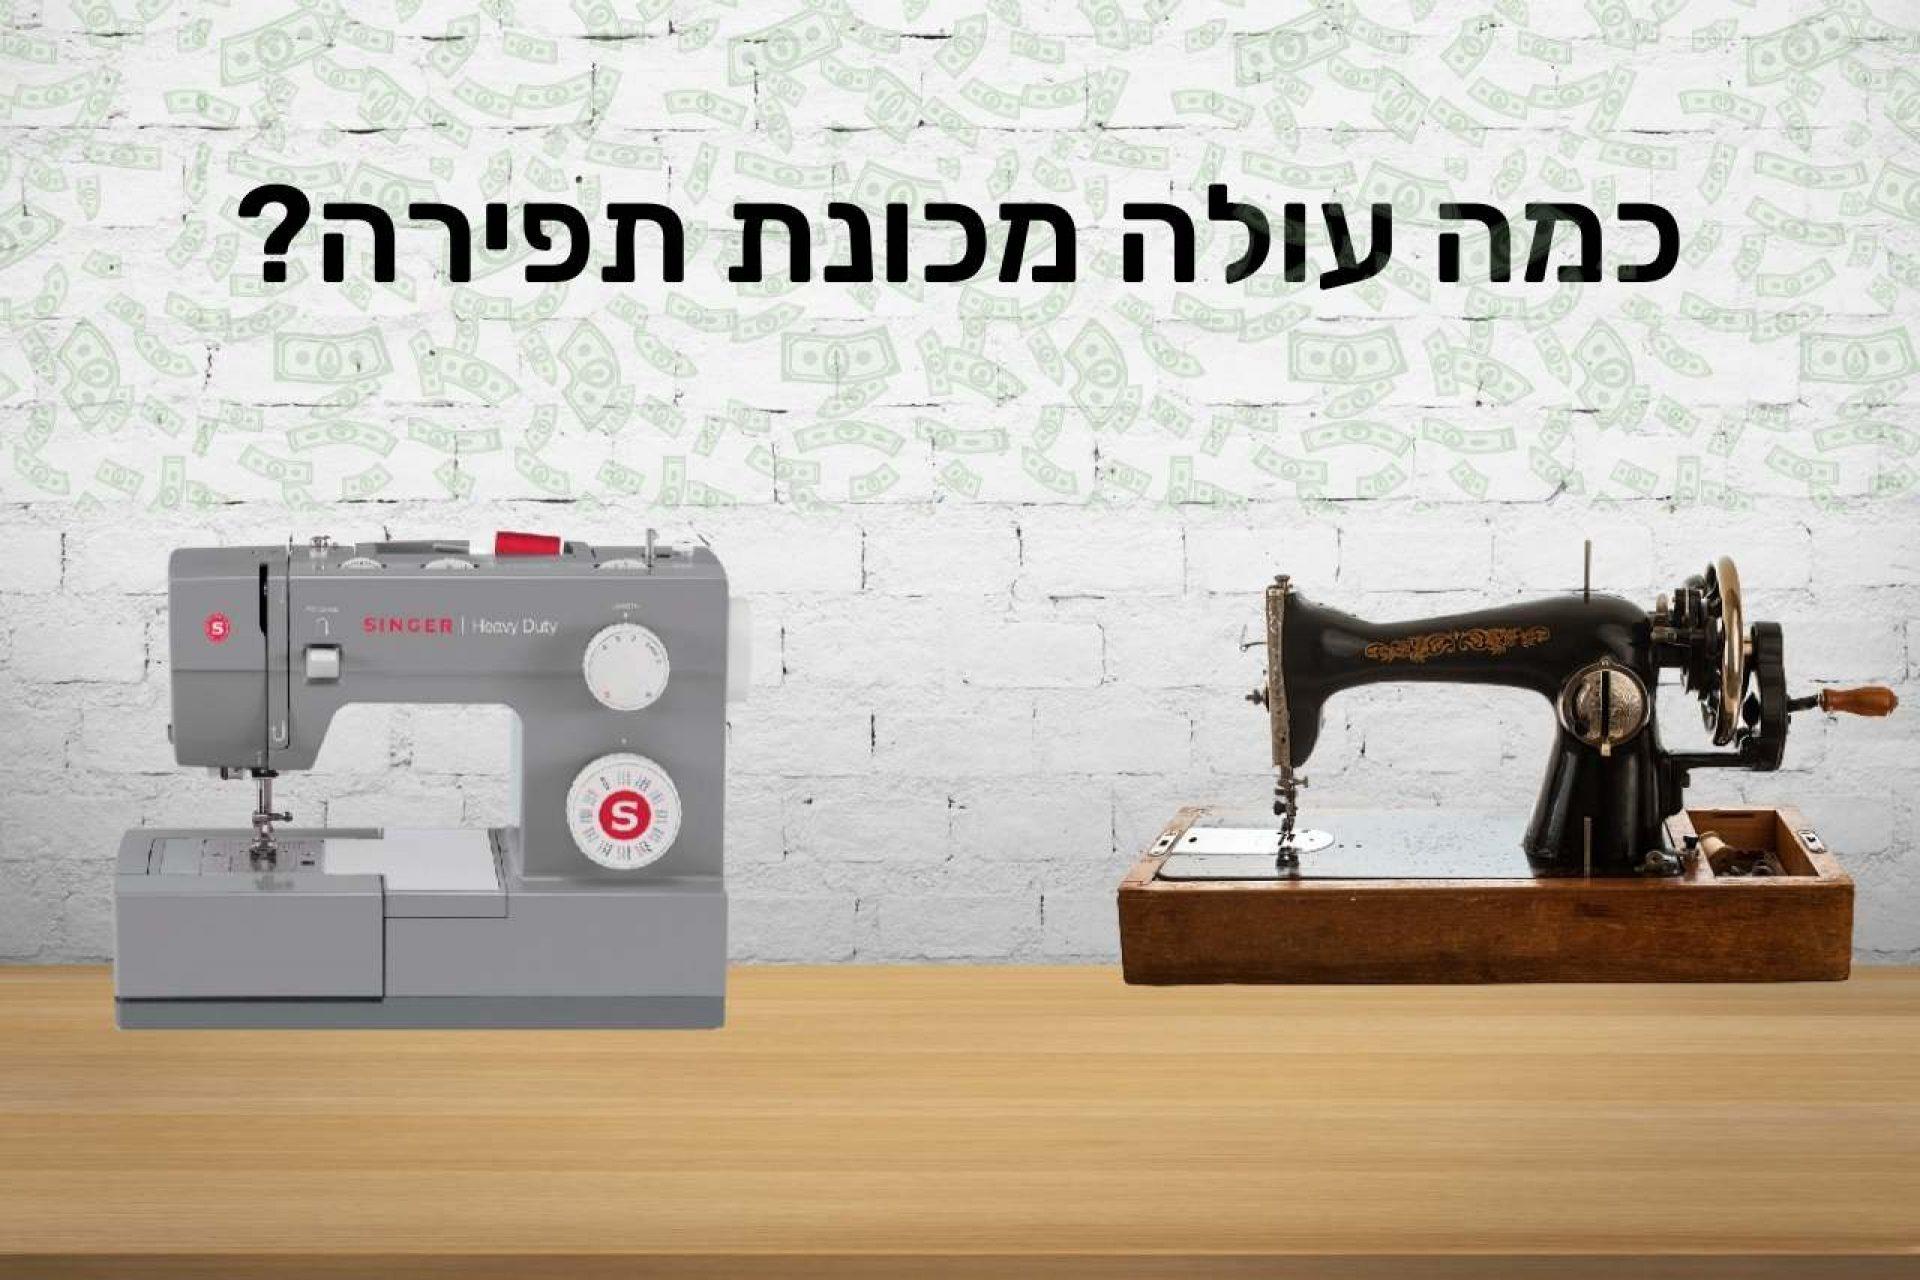 כמה עולה מכונת תפירה?